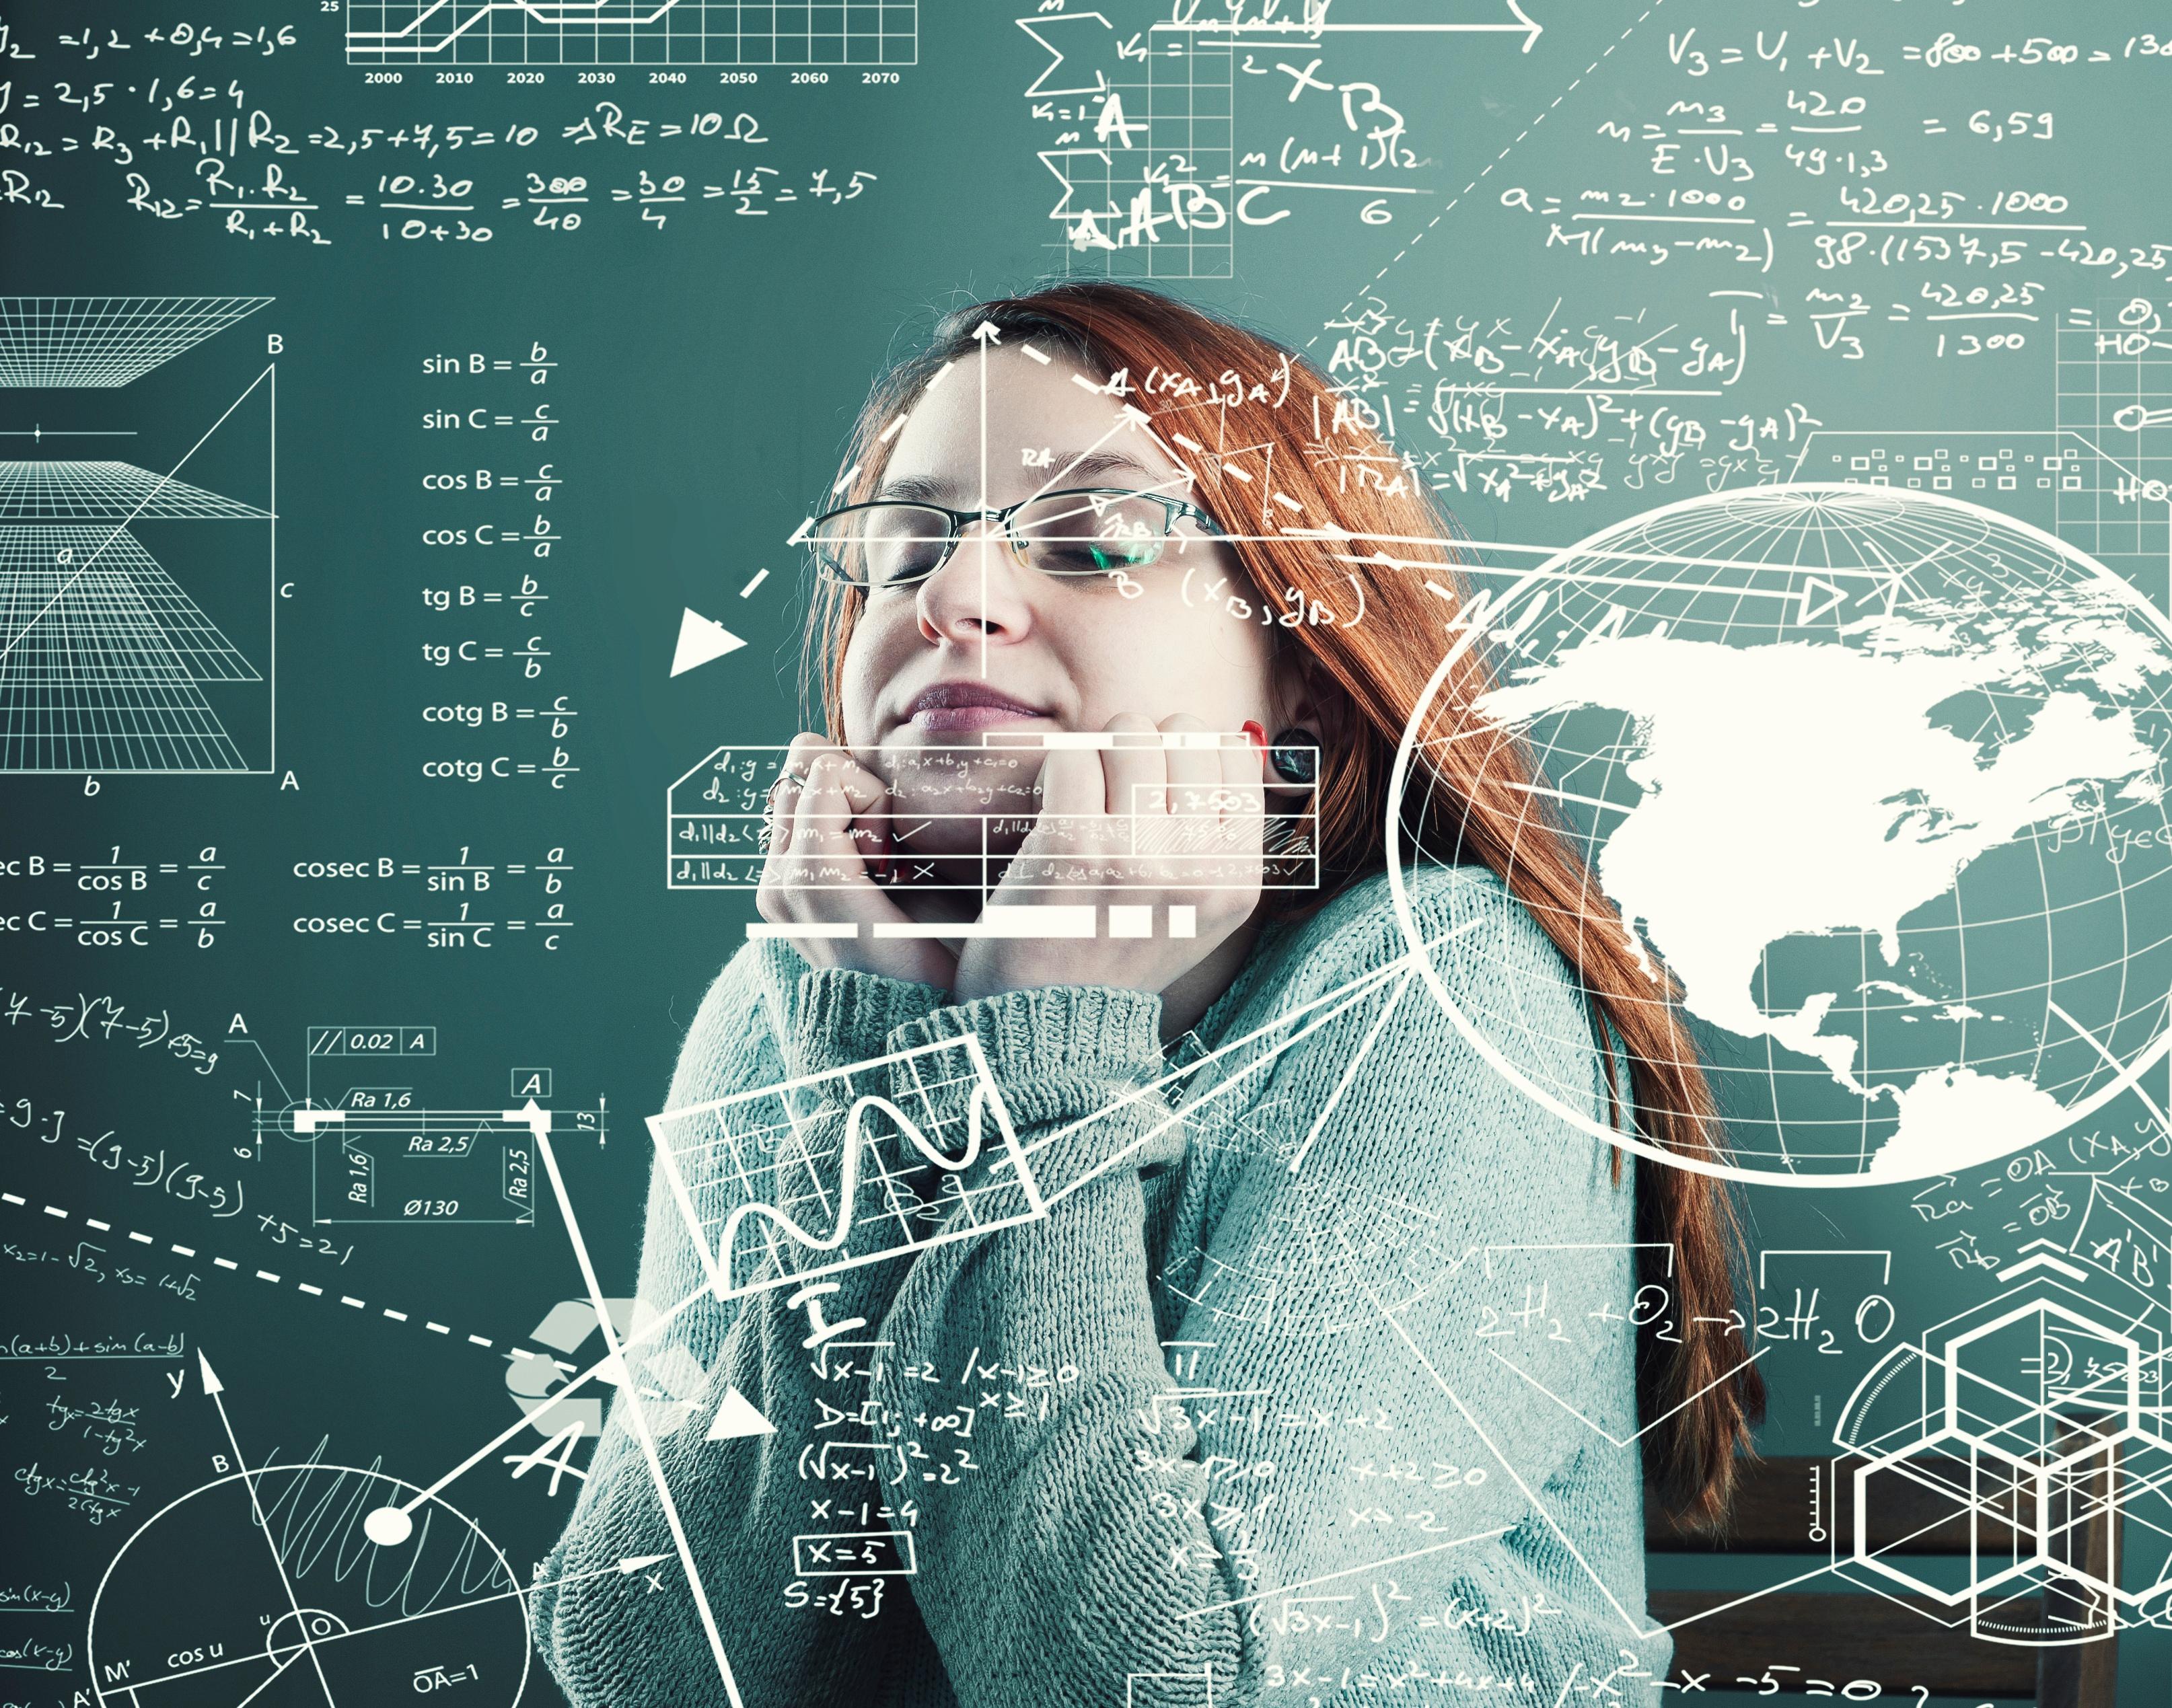 Cómo MDM puede impulsar el análisis de big data